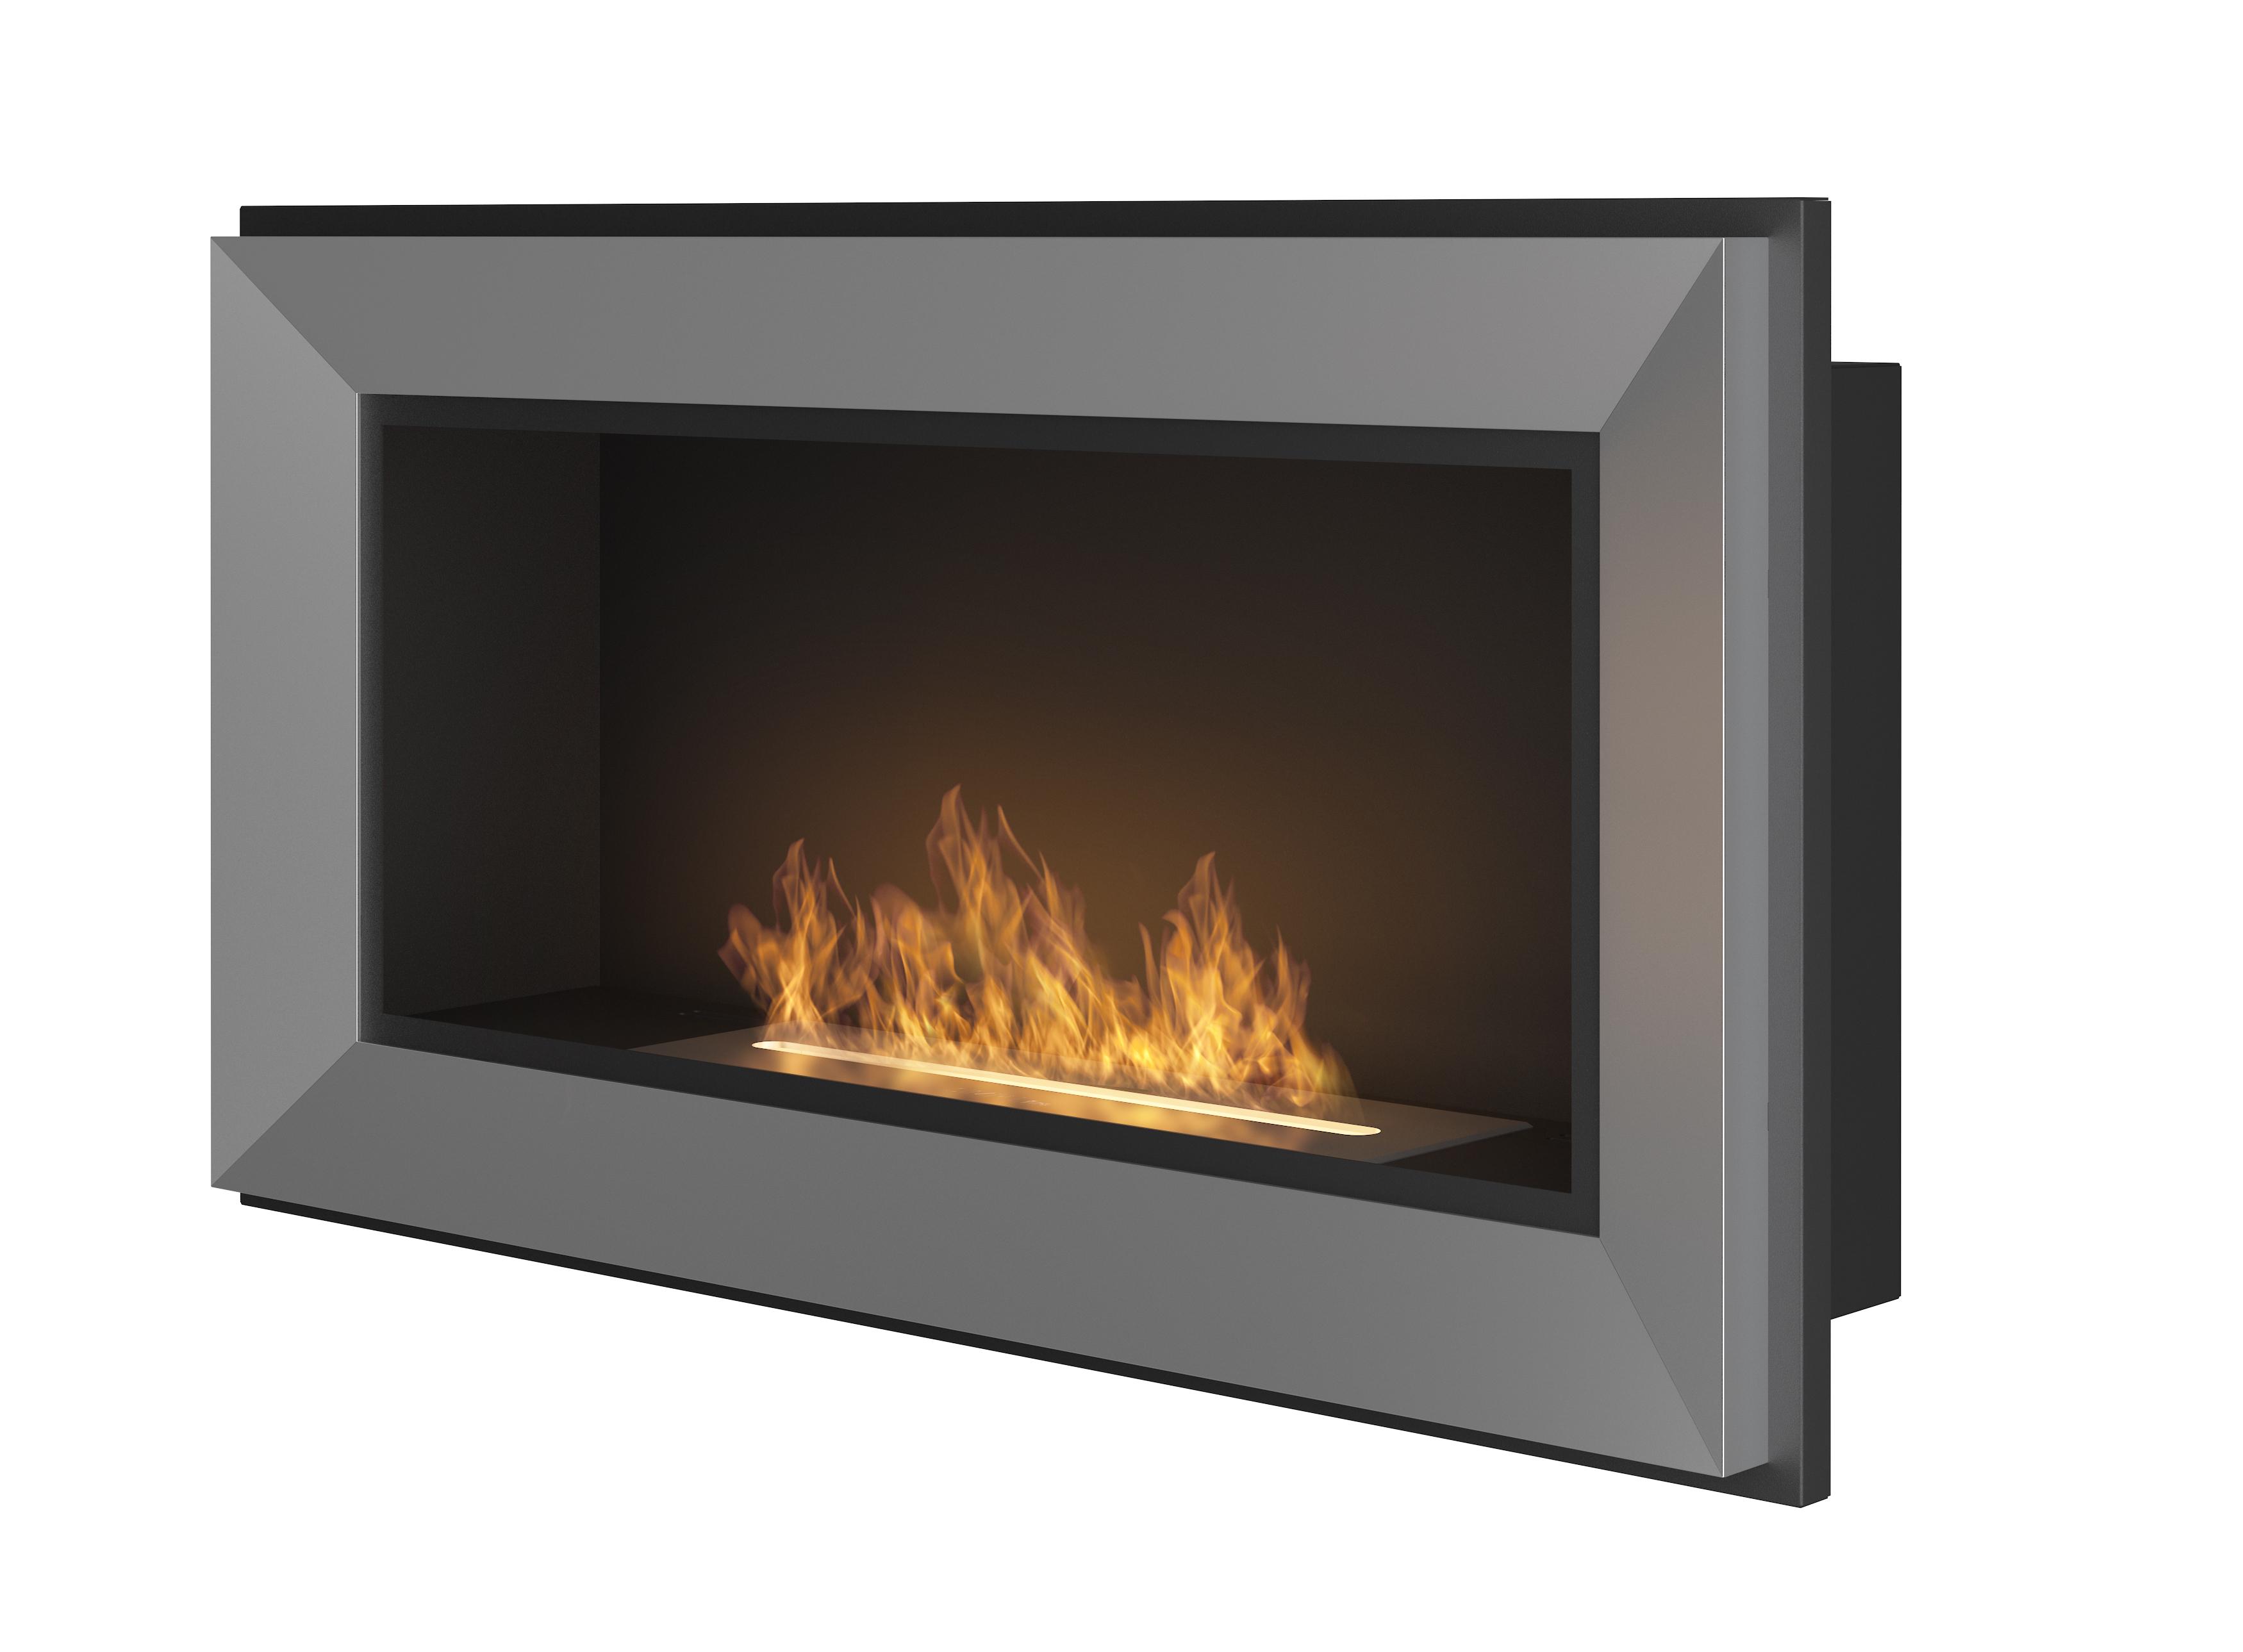 Ethanol fireplace Simple Fire Frame 900 • Artflame.com